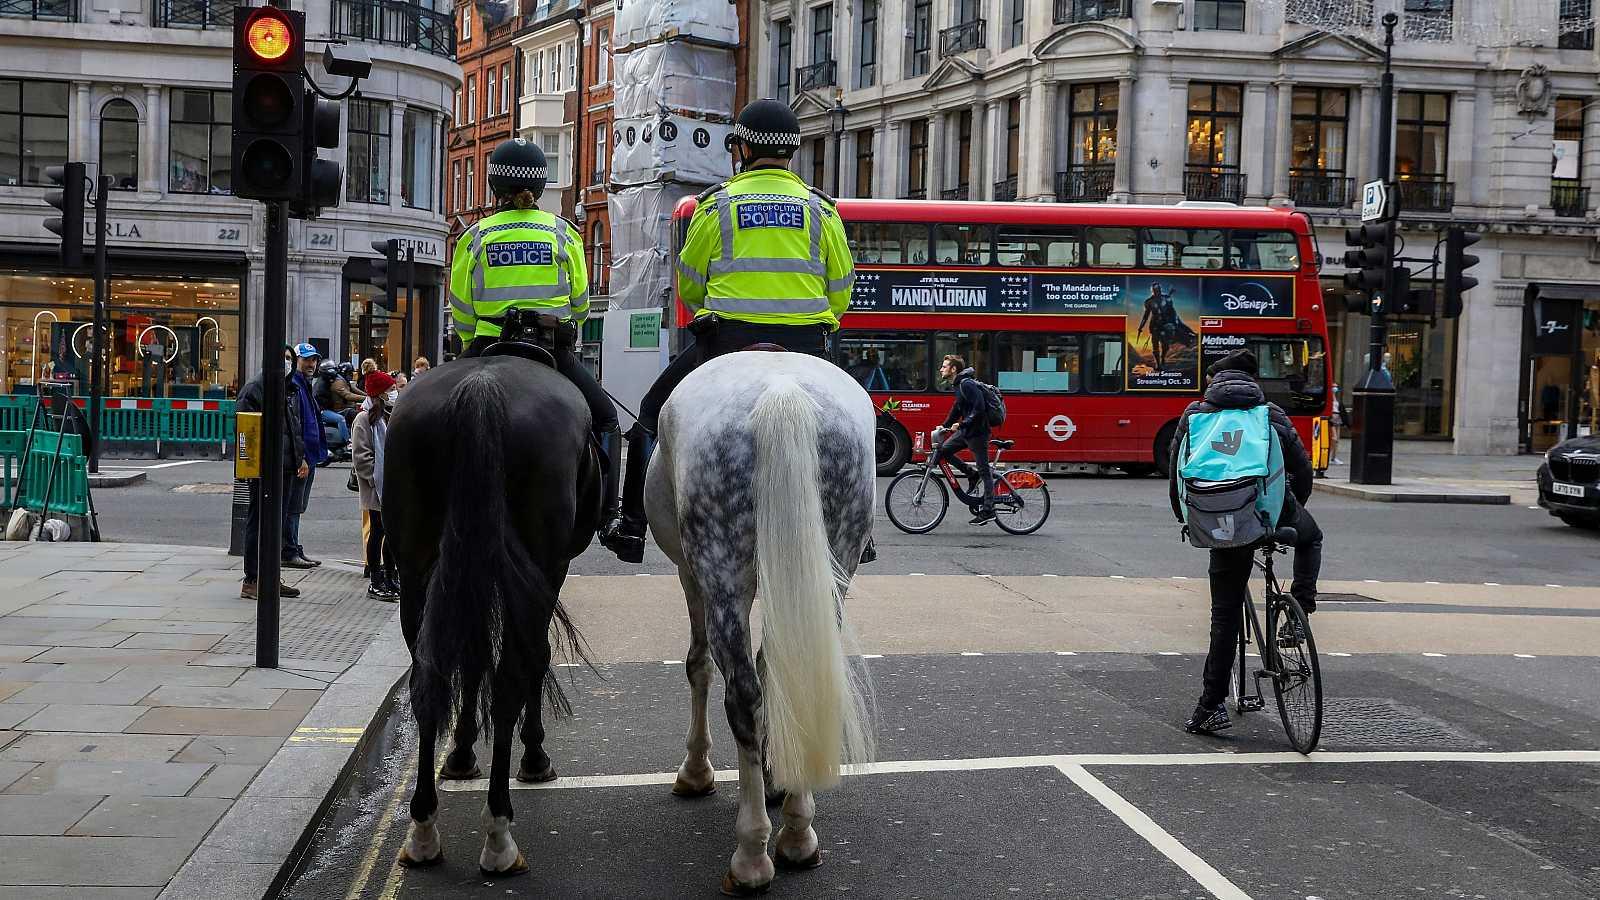 Dos policías a caballo patrullan las calles de Londres.